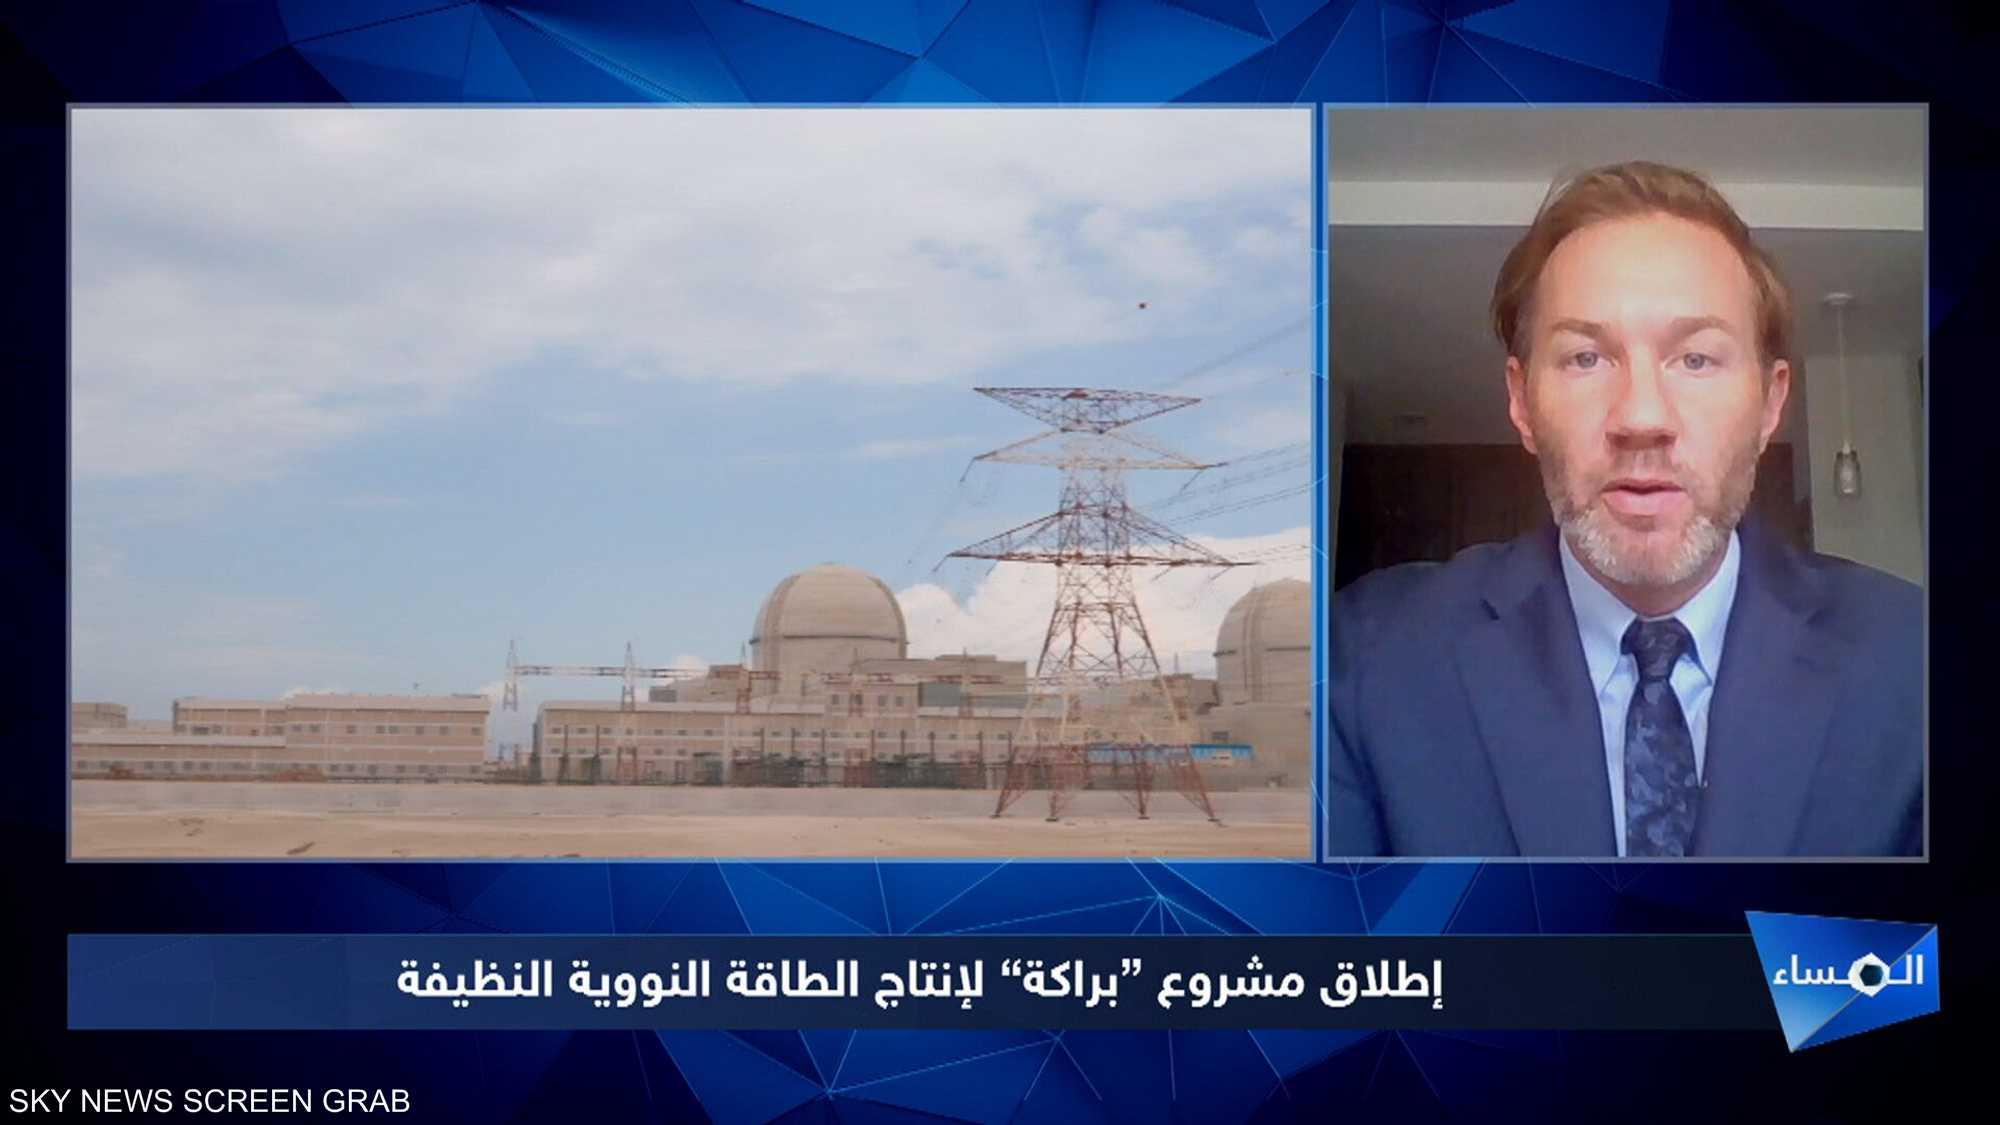 الإمارات تعلن نجاح تشغيل أول مفاعل نووي سلمي عربي